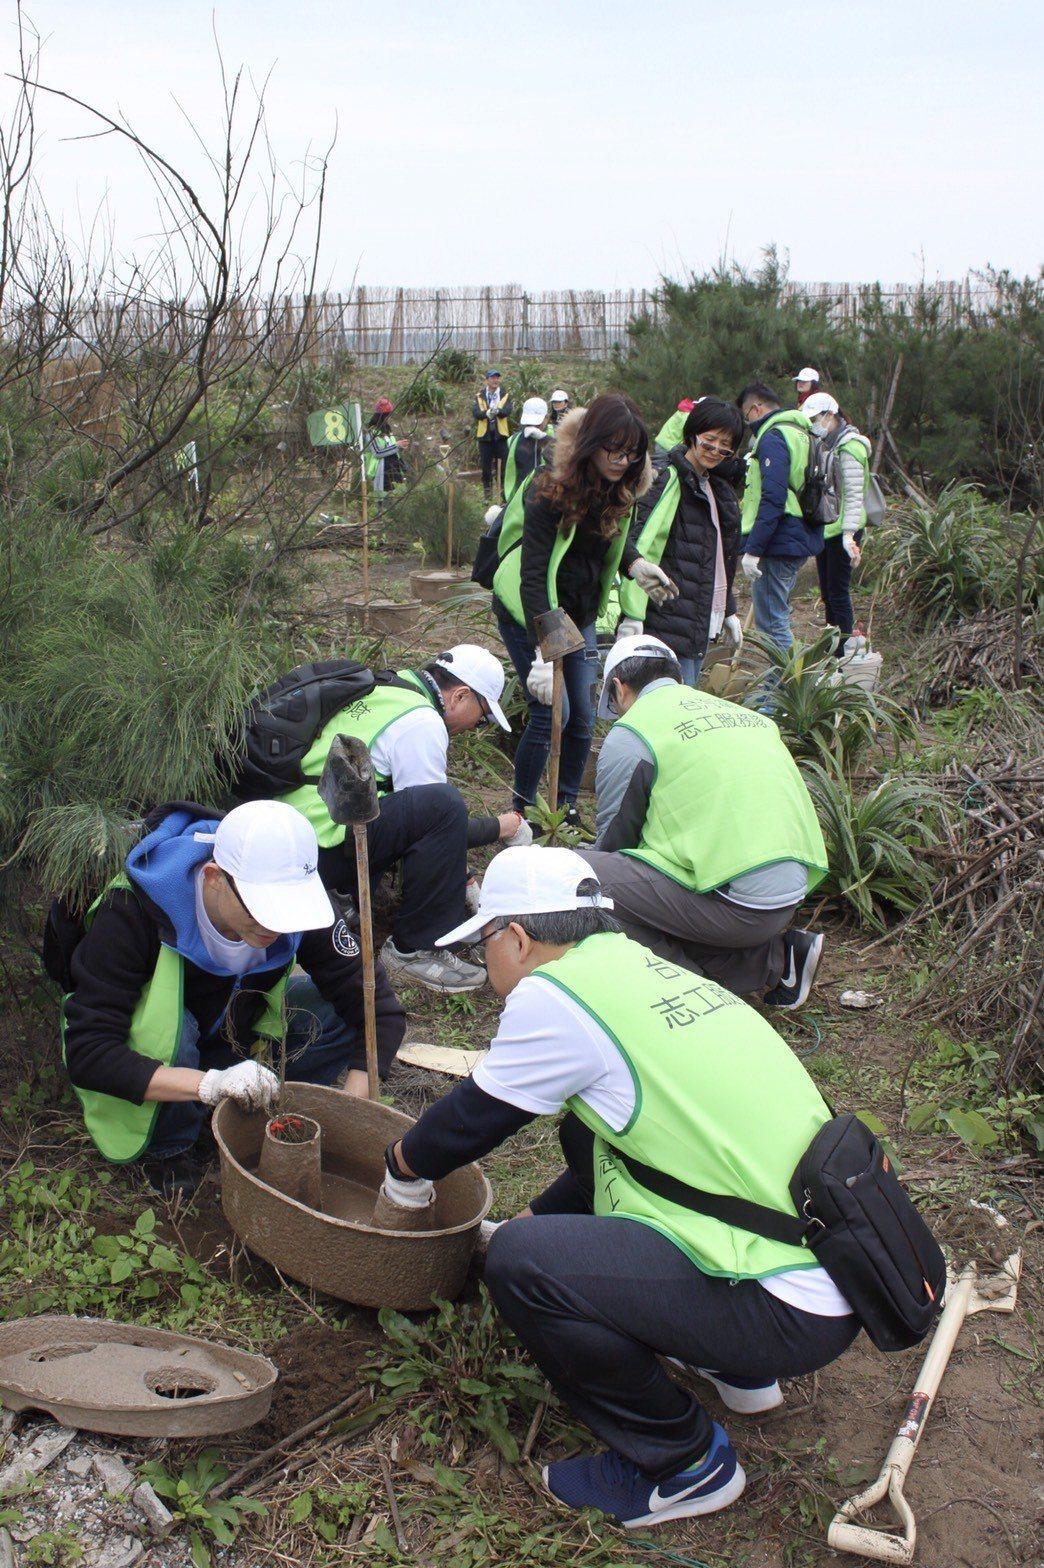 台汽電志工們用水寶盆種下一棵棵原生樹種。 台灣汽電共生公司/提供